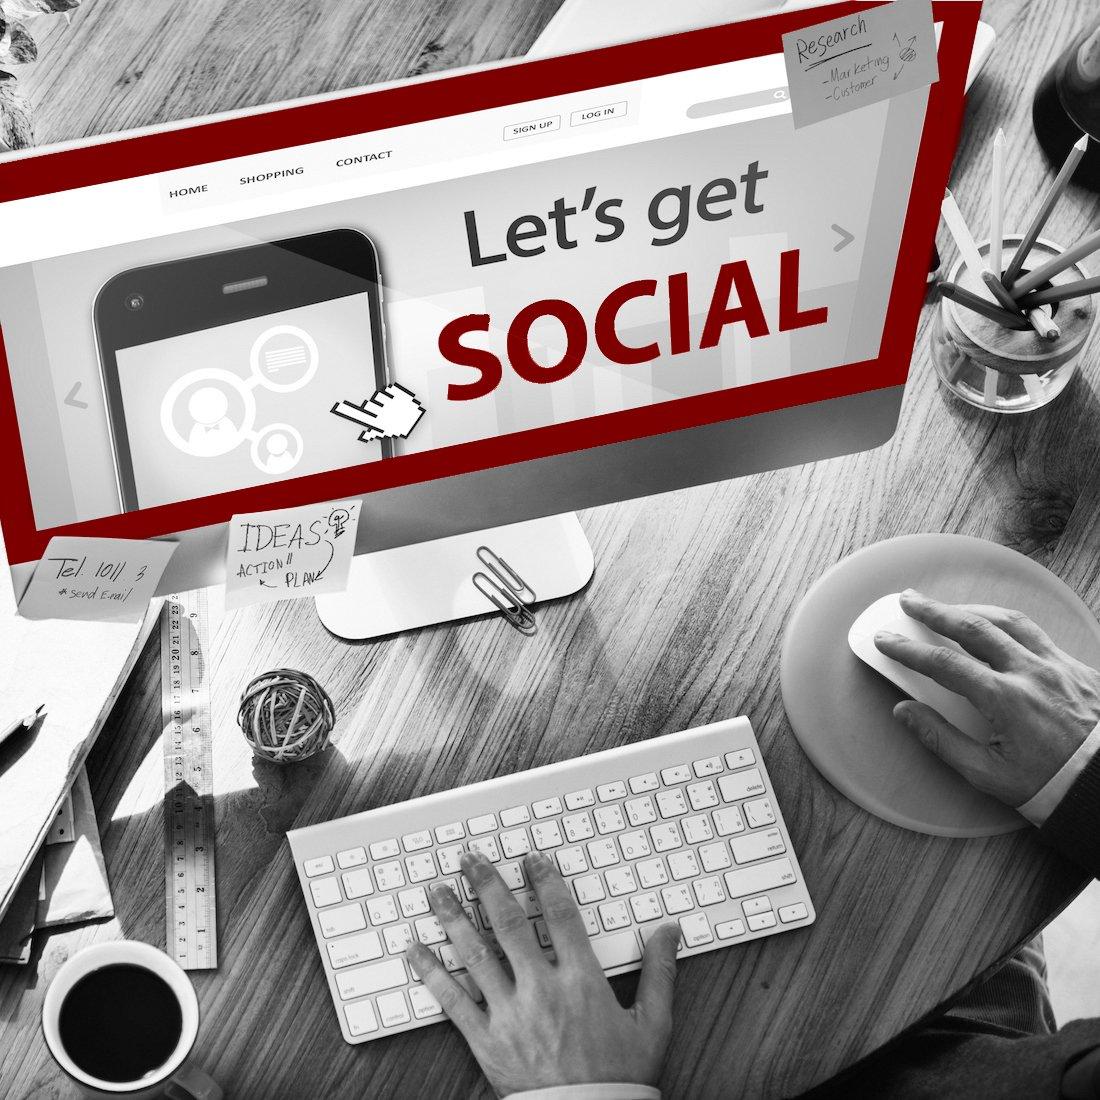 PROJECT Social 1100x1100pxl